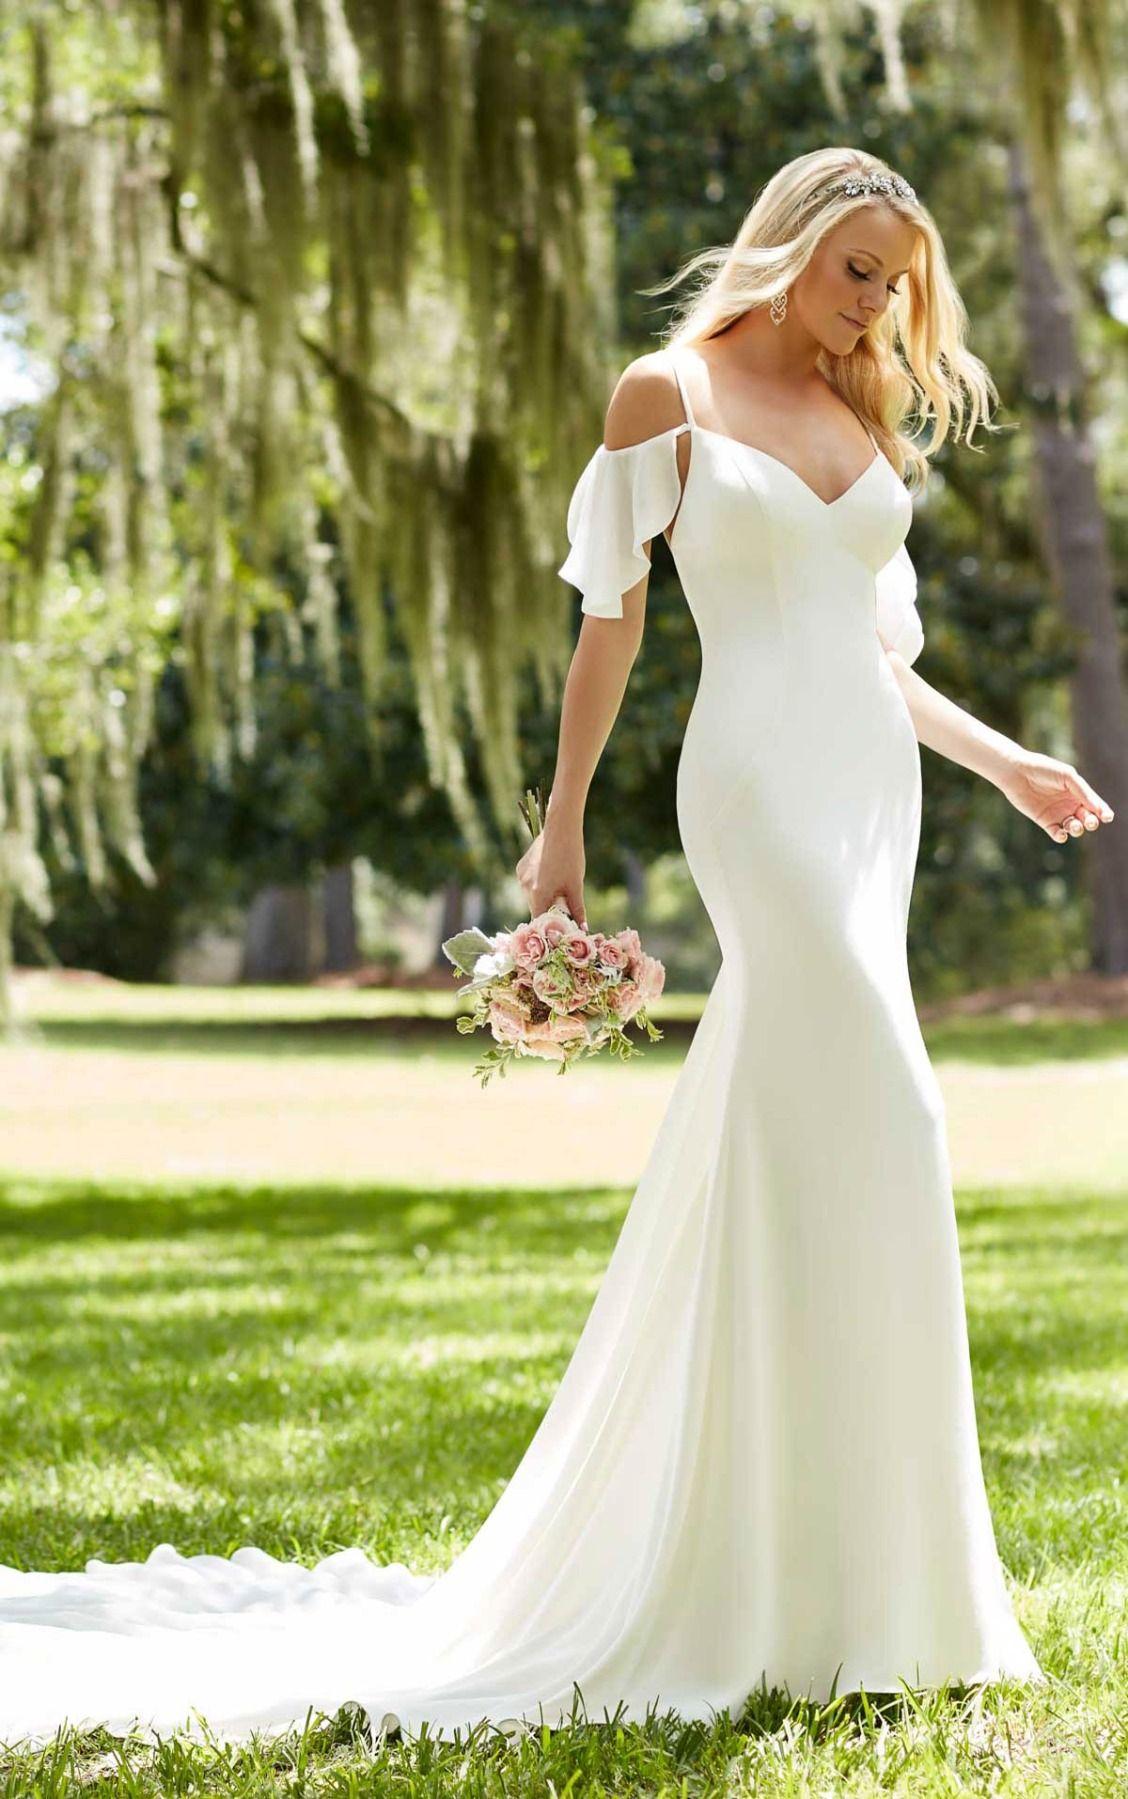 Off the shoulder sheath wedding dress wedding dress weddings and